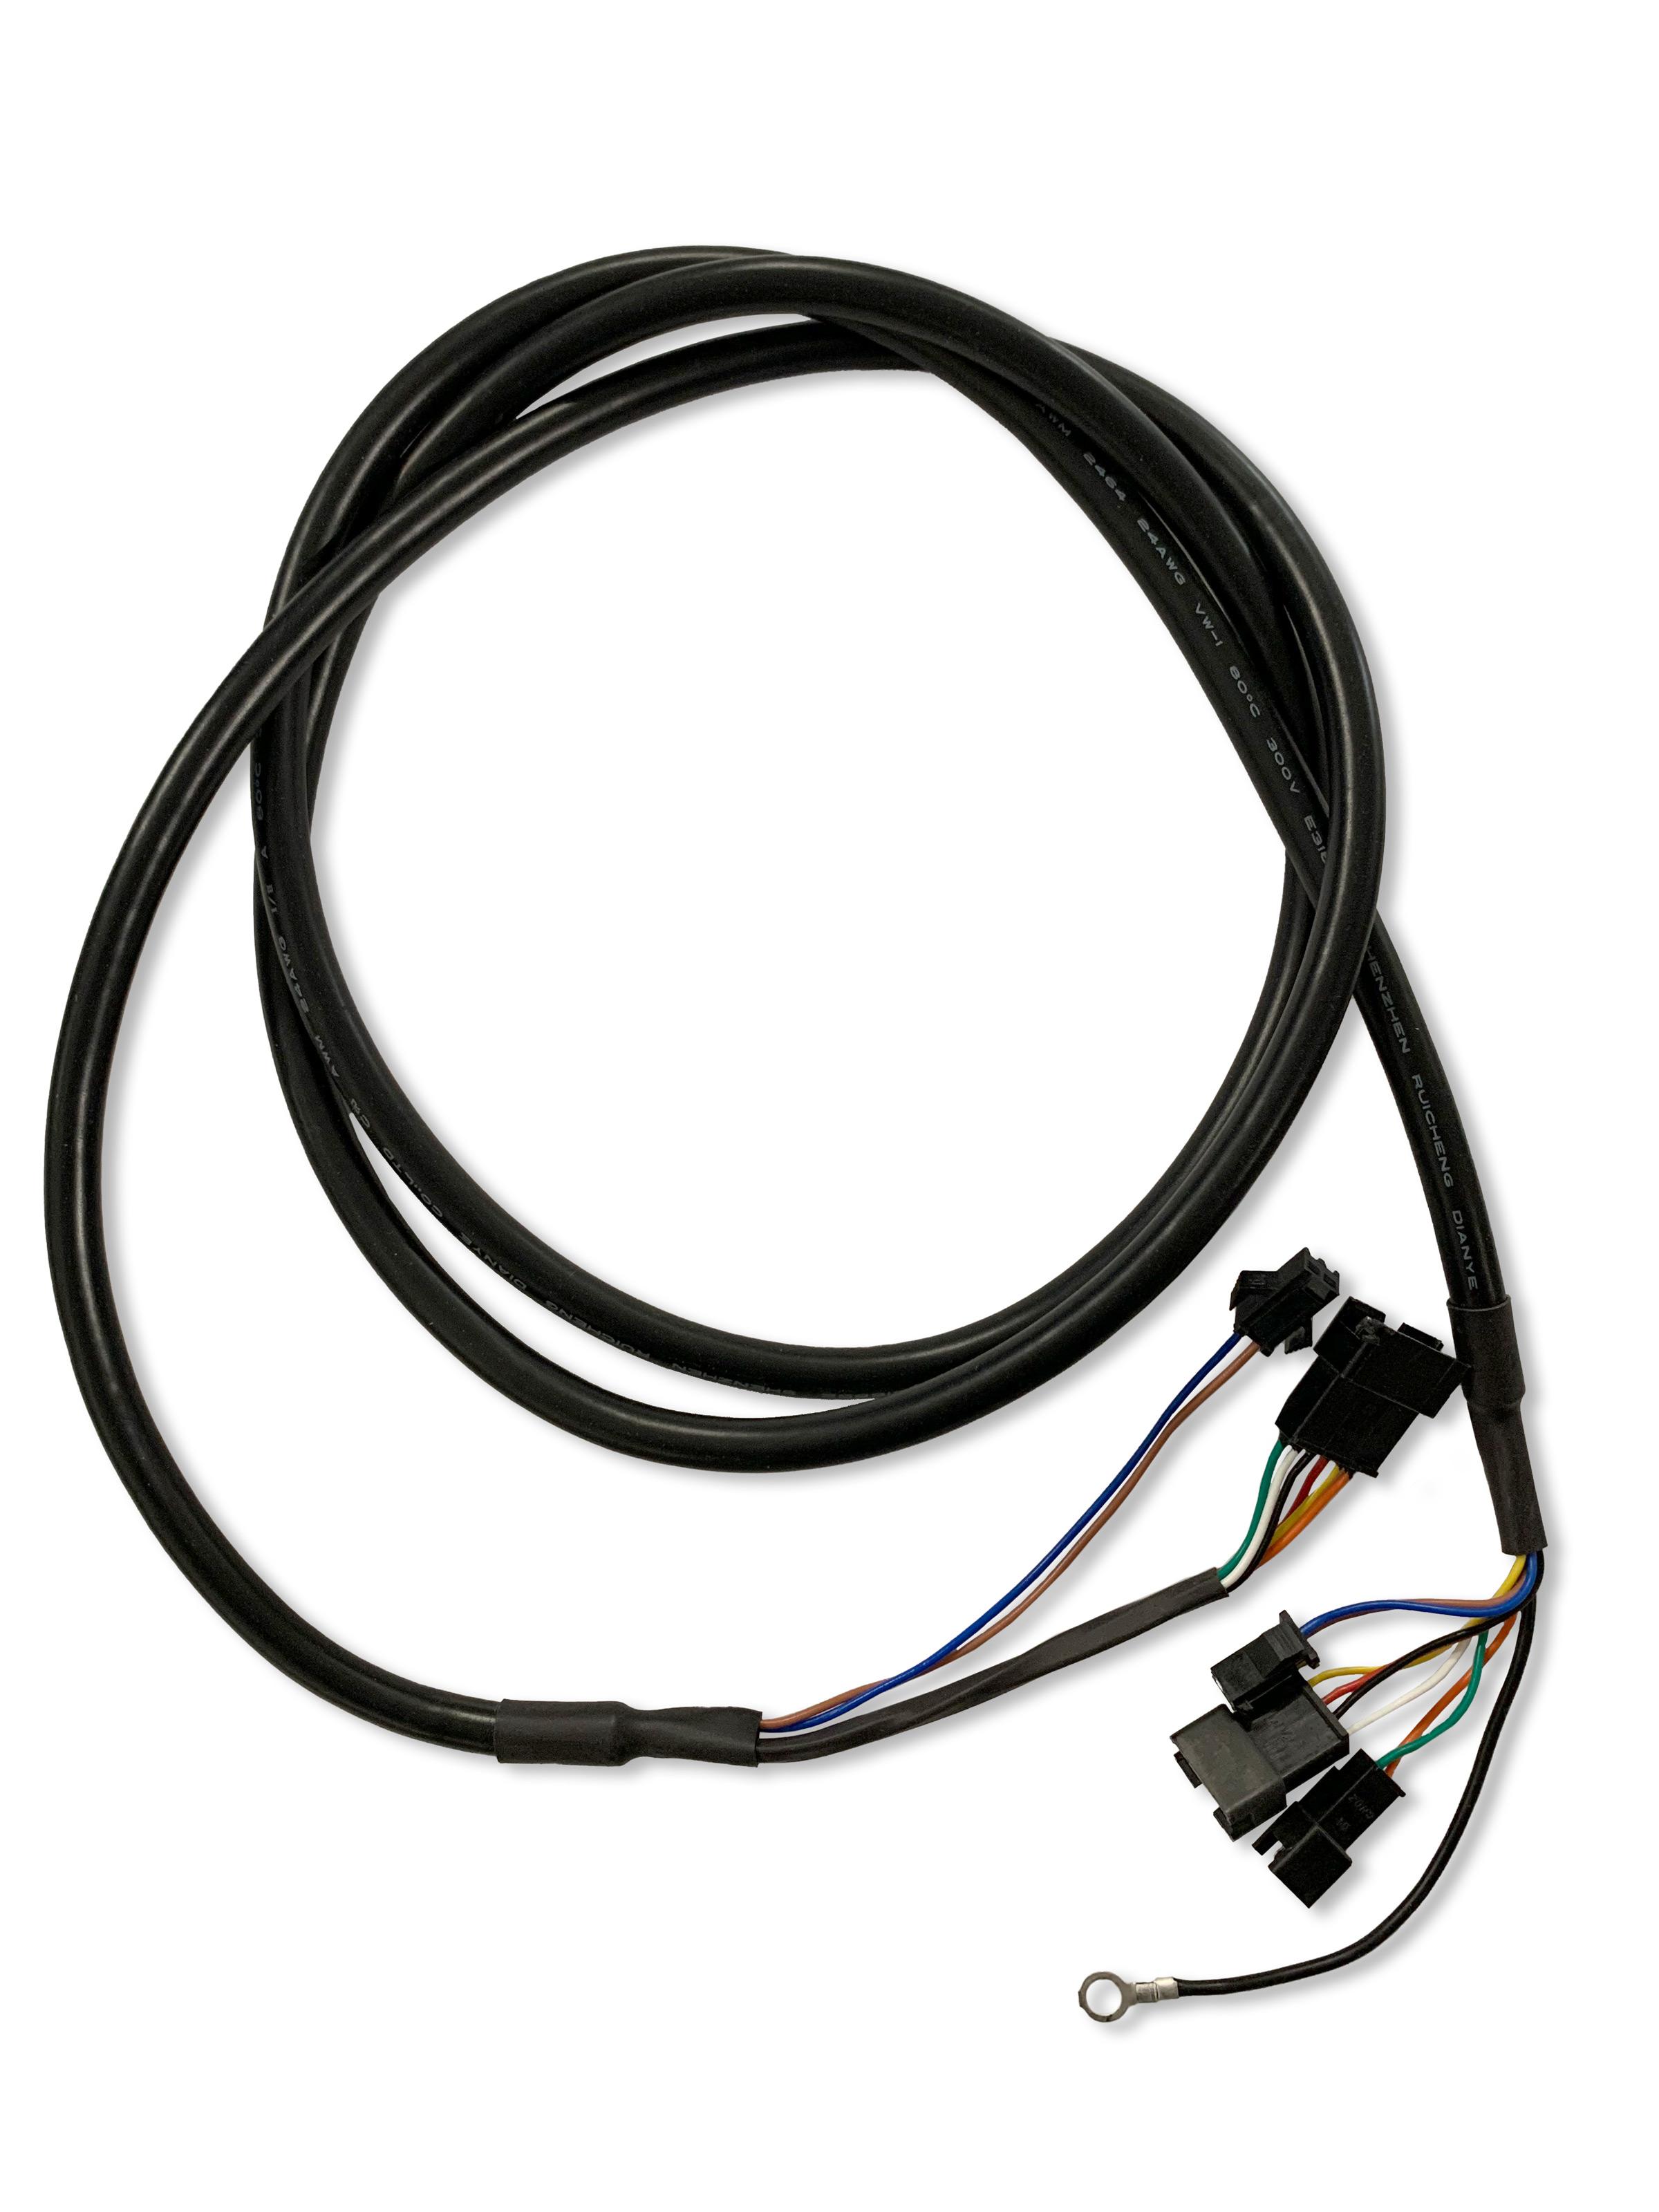 Display Anschlusskabel Vers. 2 mit SM Stecker